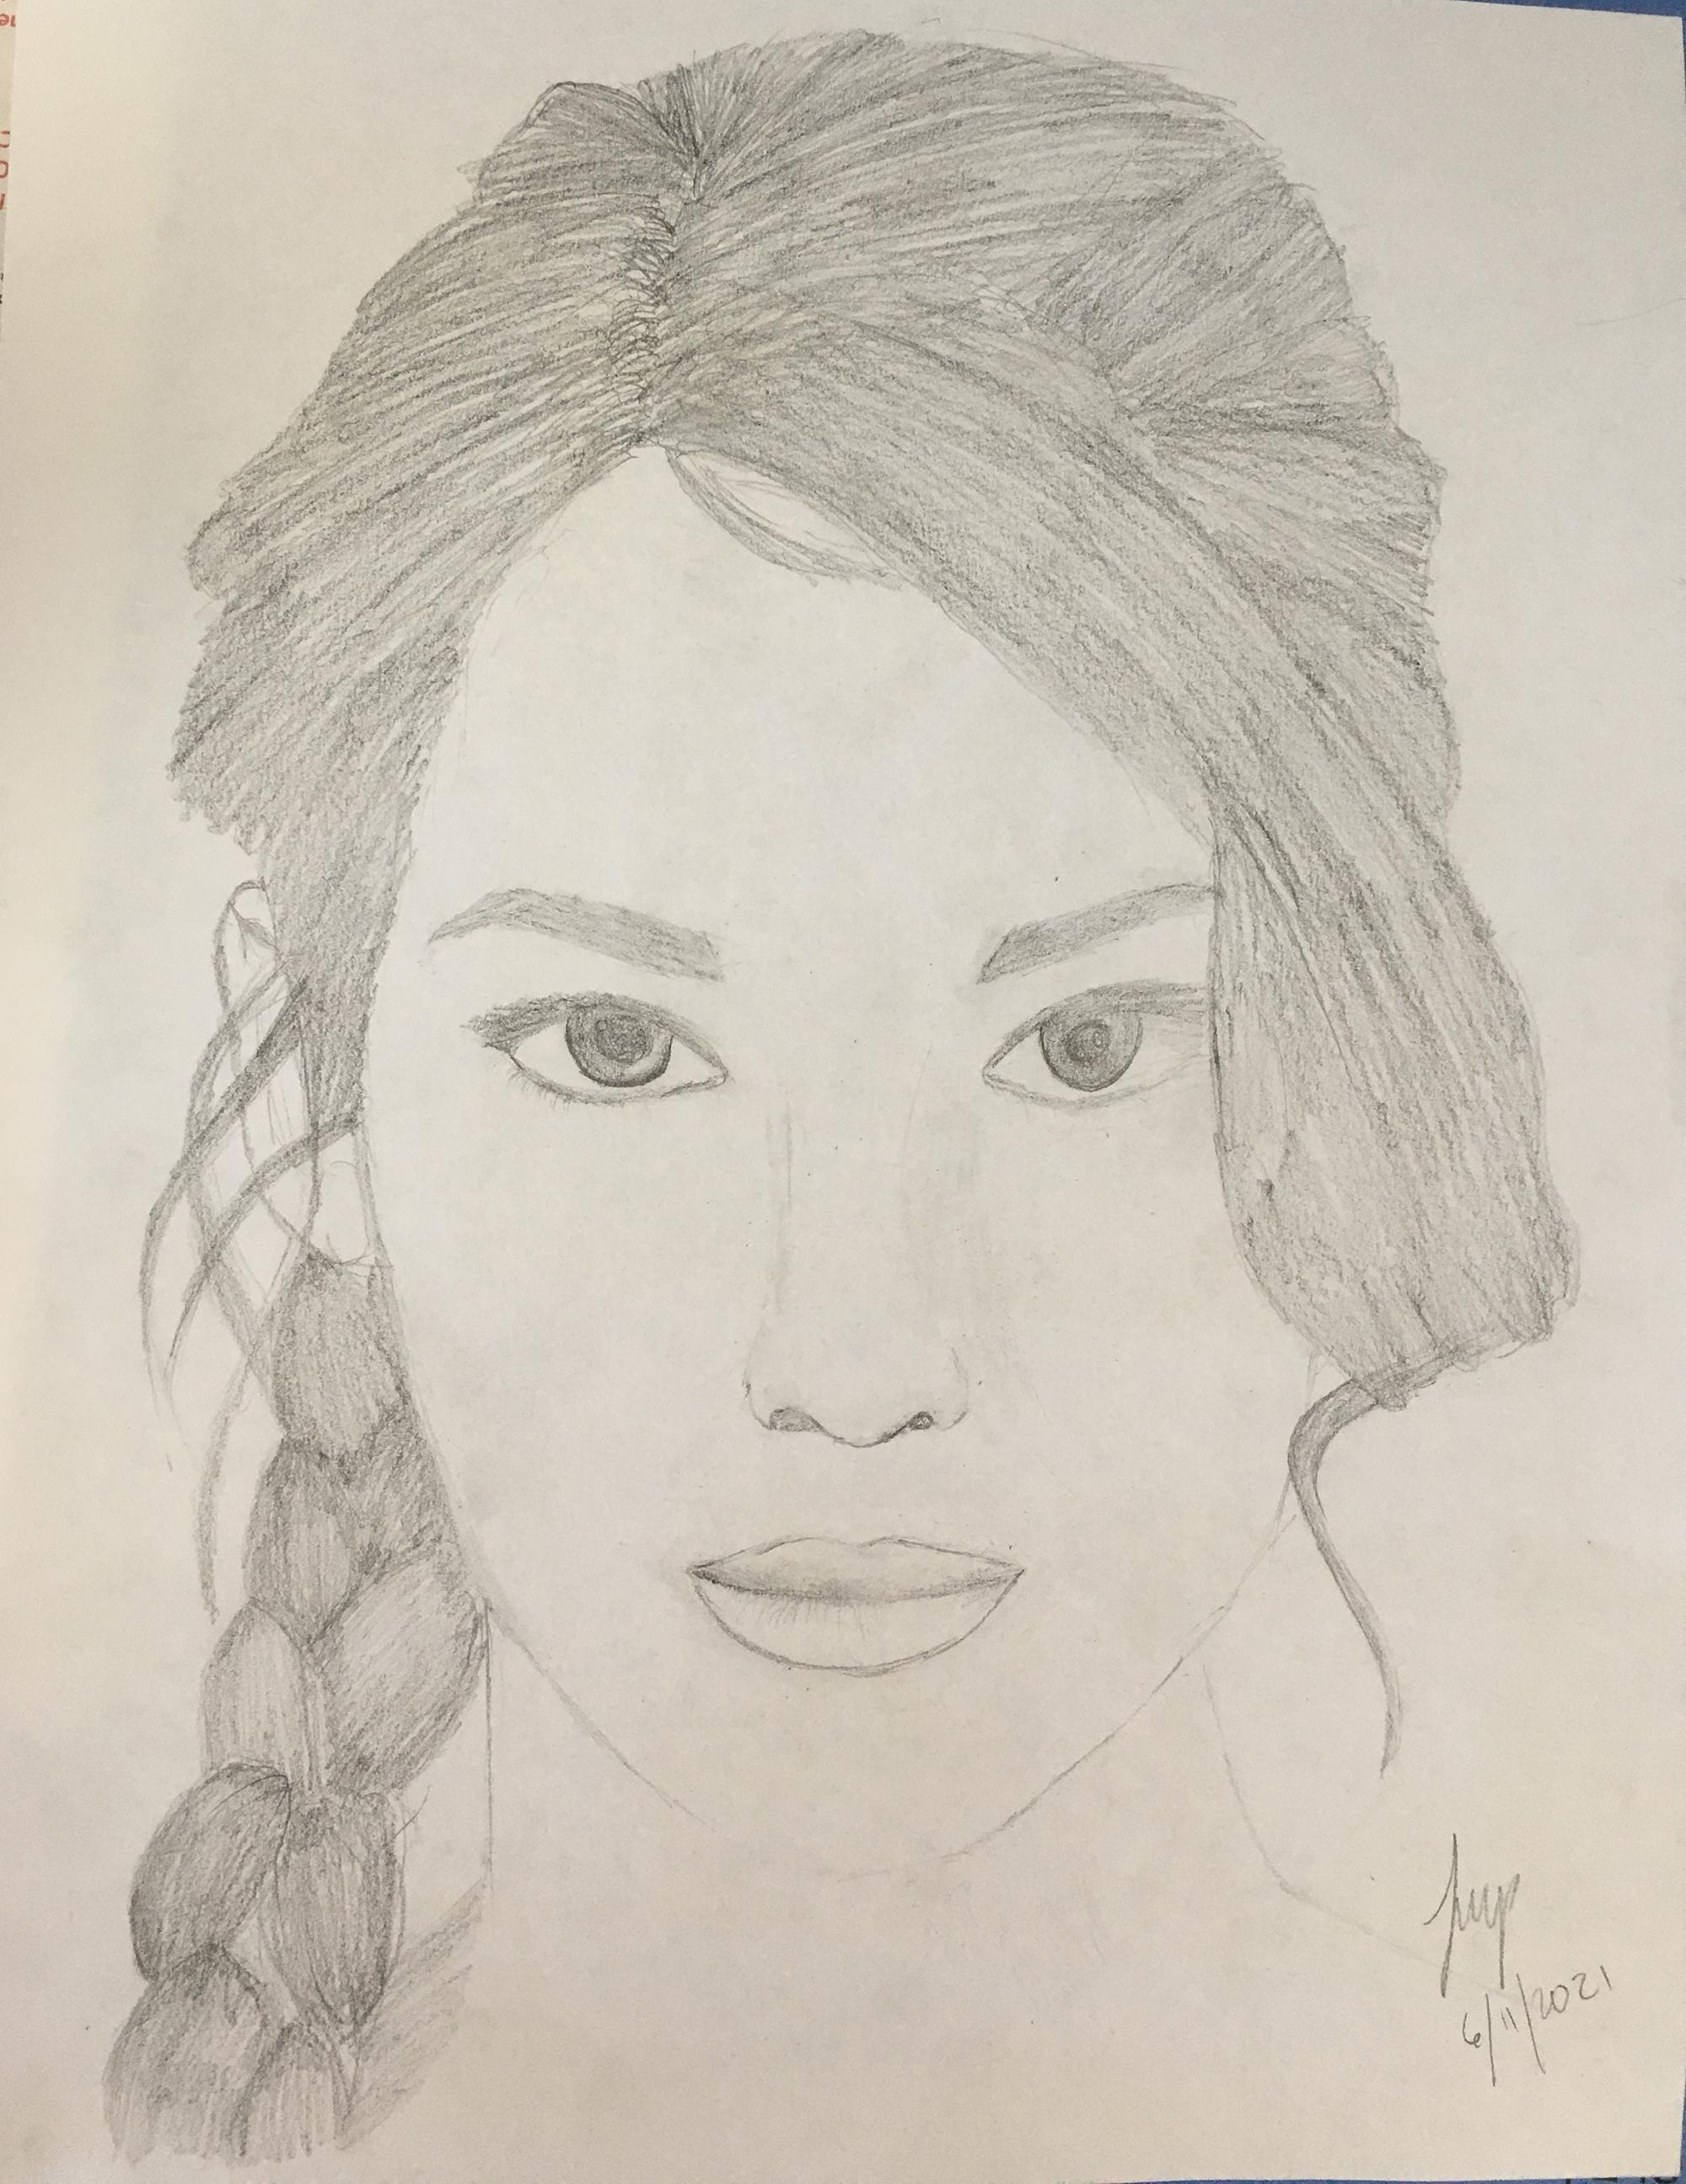 3rd. Tamar Parker, Pencil Drawing of Katniss Everdeen